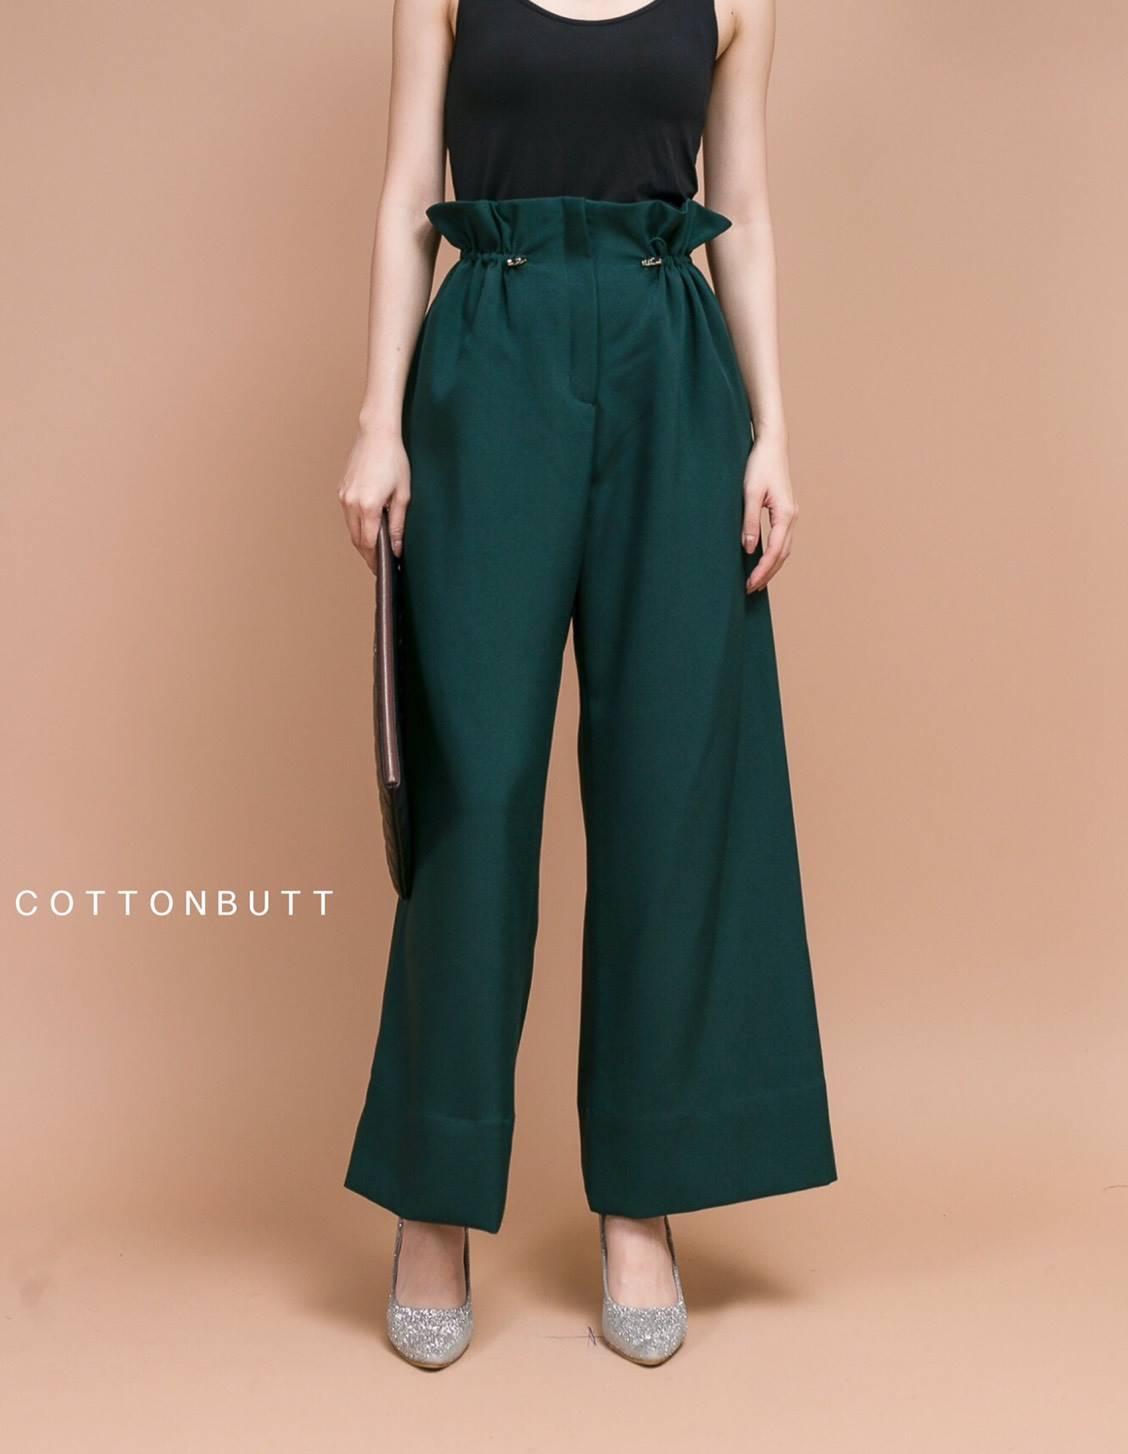 เสื้อผ้าแฟชั่นเกาหลีพร้อมส่ง กางเกงขาบานเอวรูด ปรับตามไซส์ได้